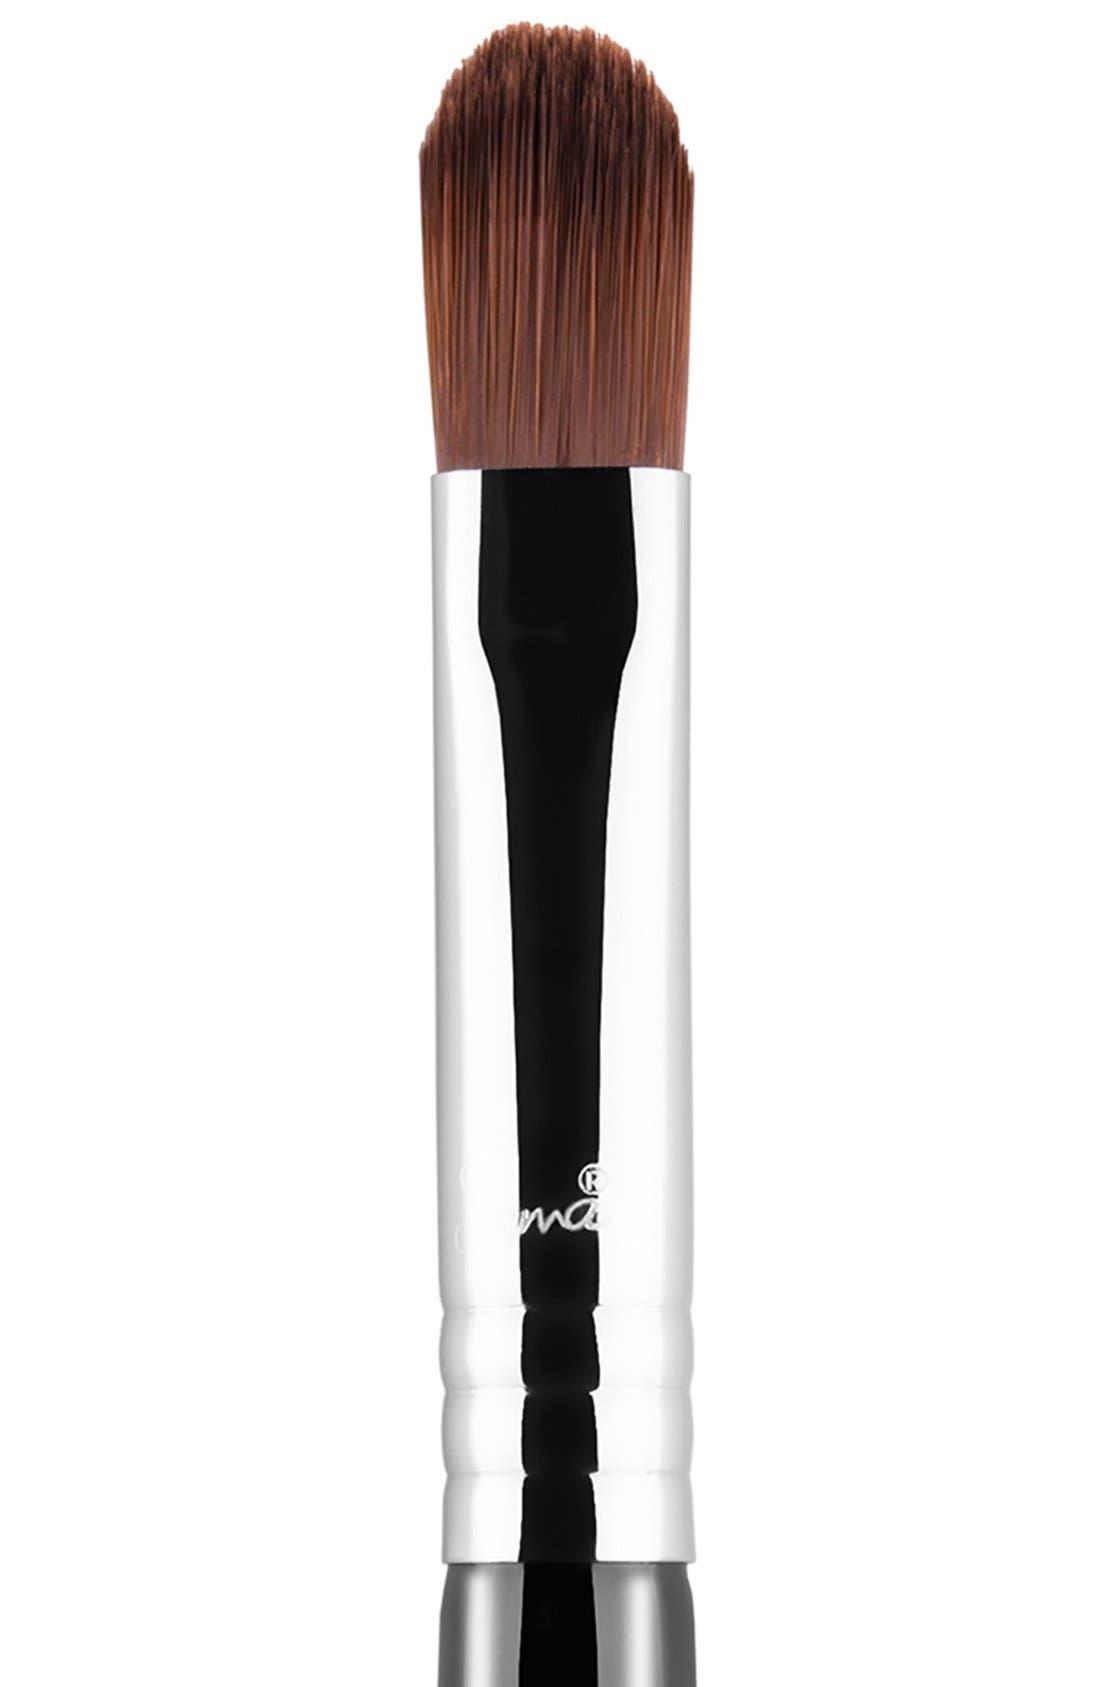 E58 Cream Color Brush,                             Alternate thumbnail 4, color,                             NO COLOR